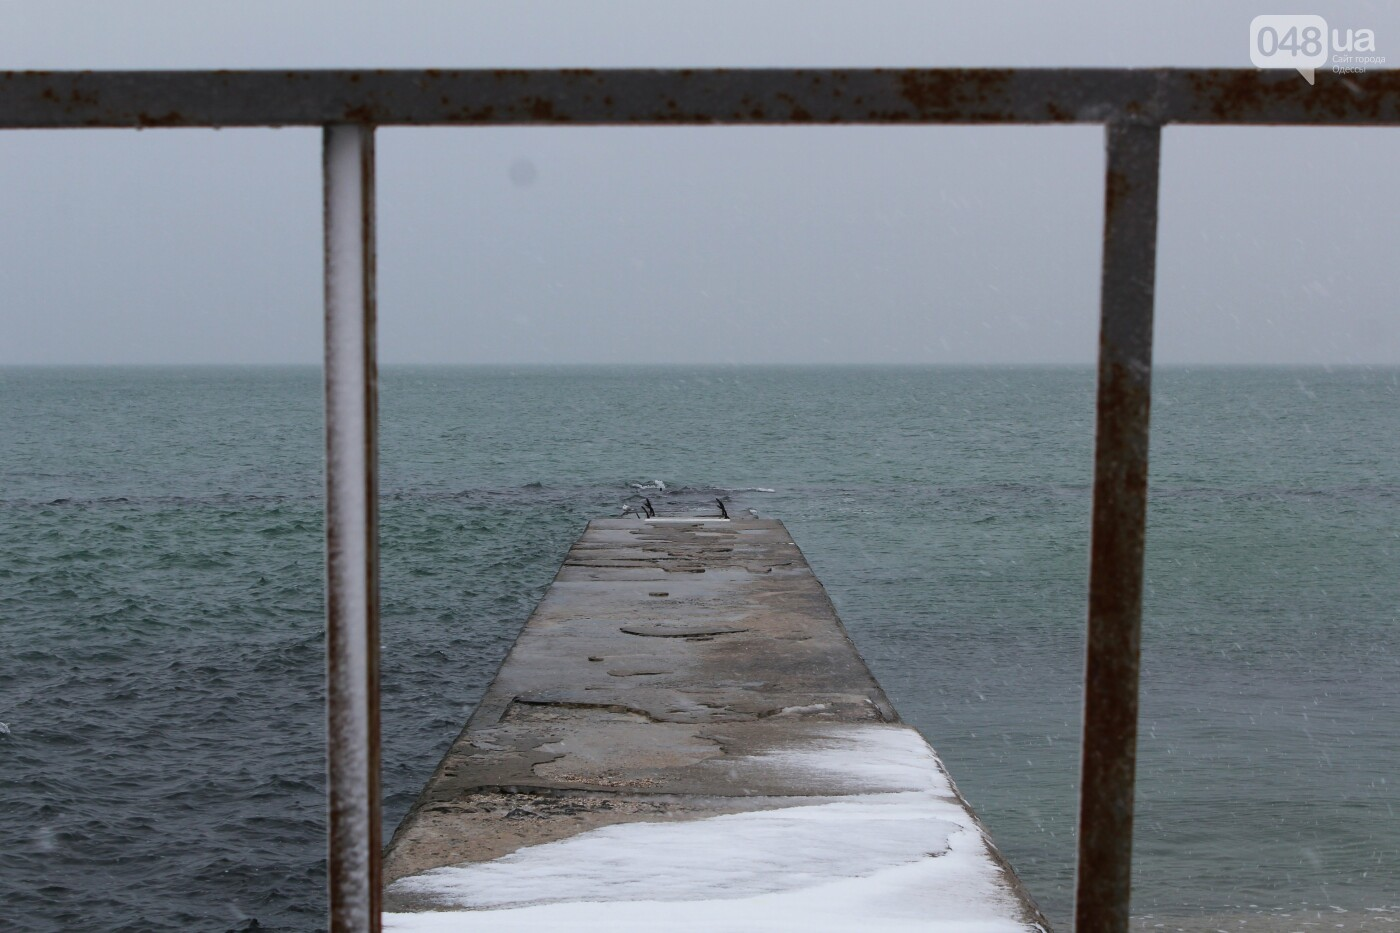 В Одессе побережье засыпало снегом: утки, котики и море, - ФОТОРЕПОРТАЖ, фото-8